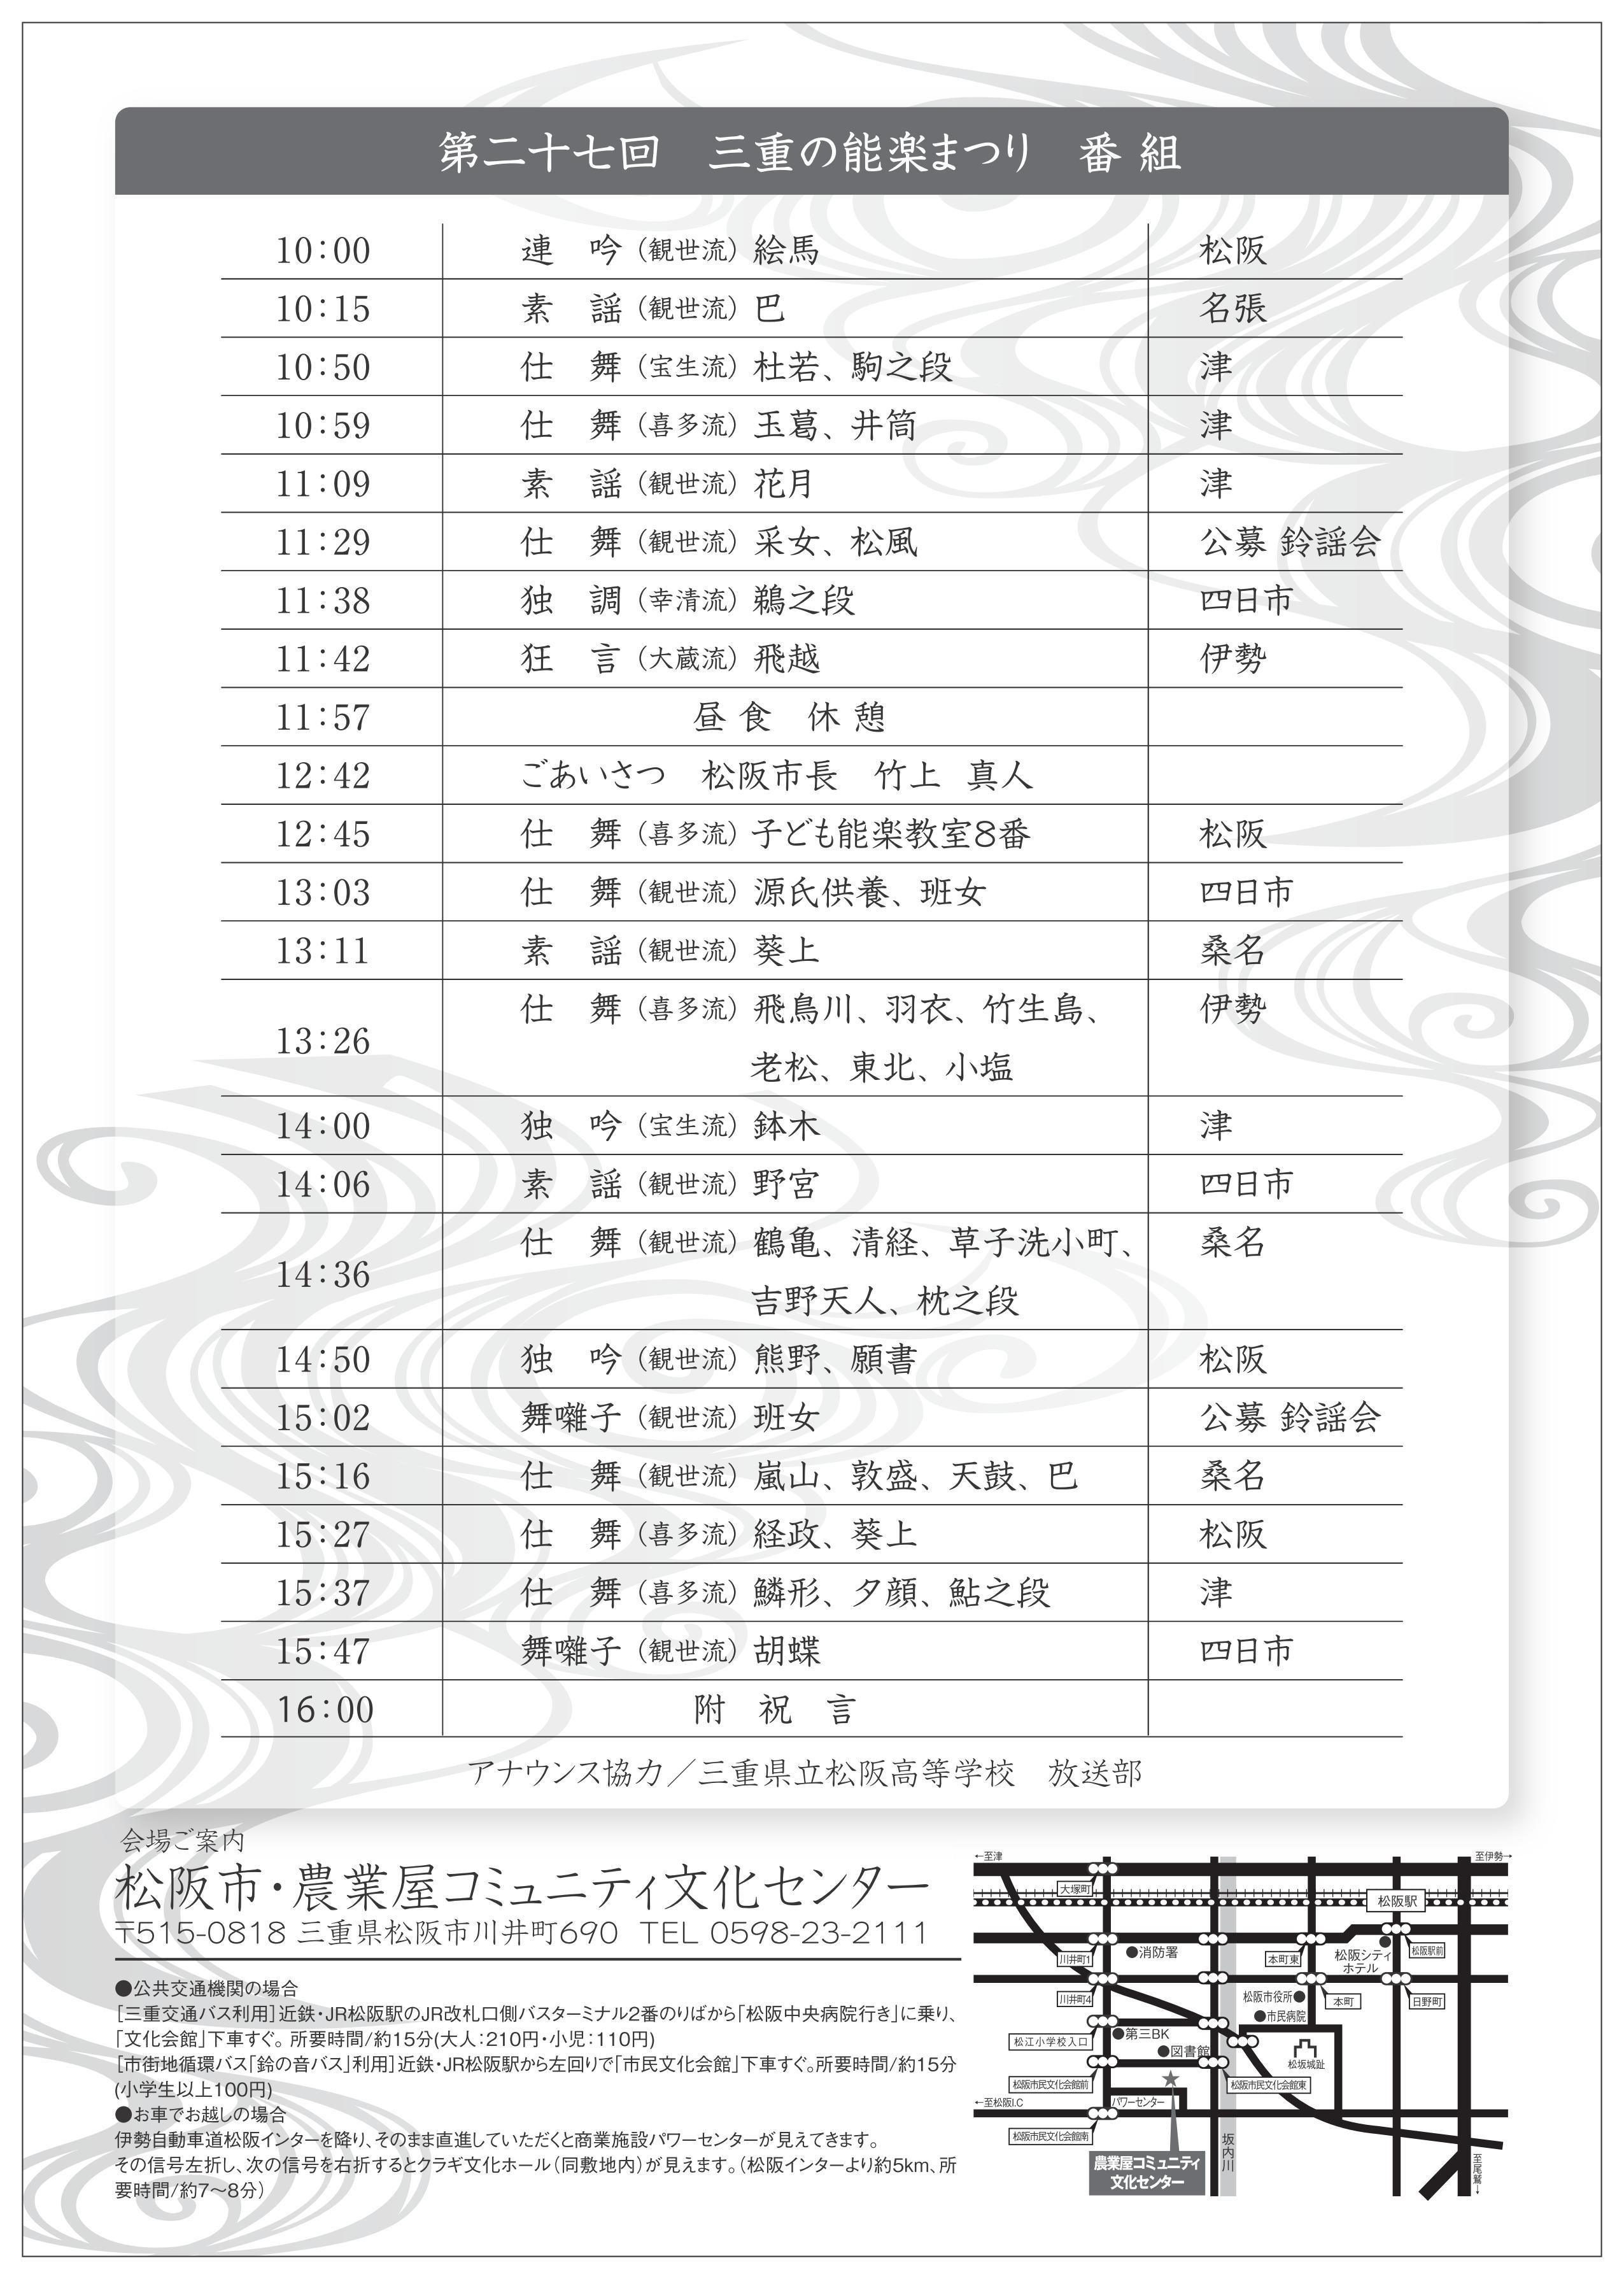 nohgakumatsuri_A4_ura_01